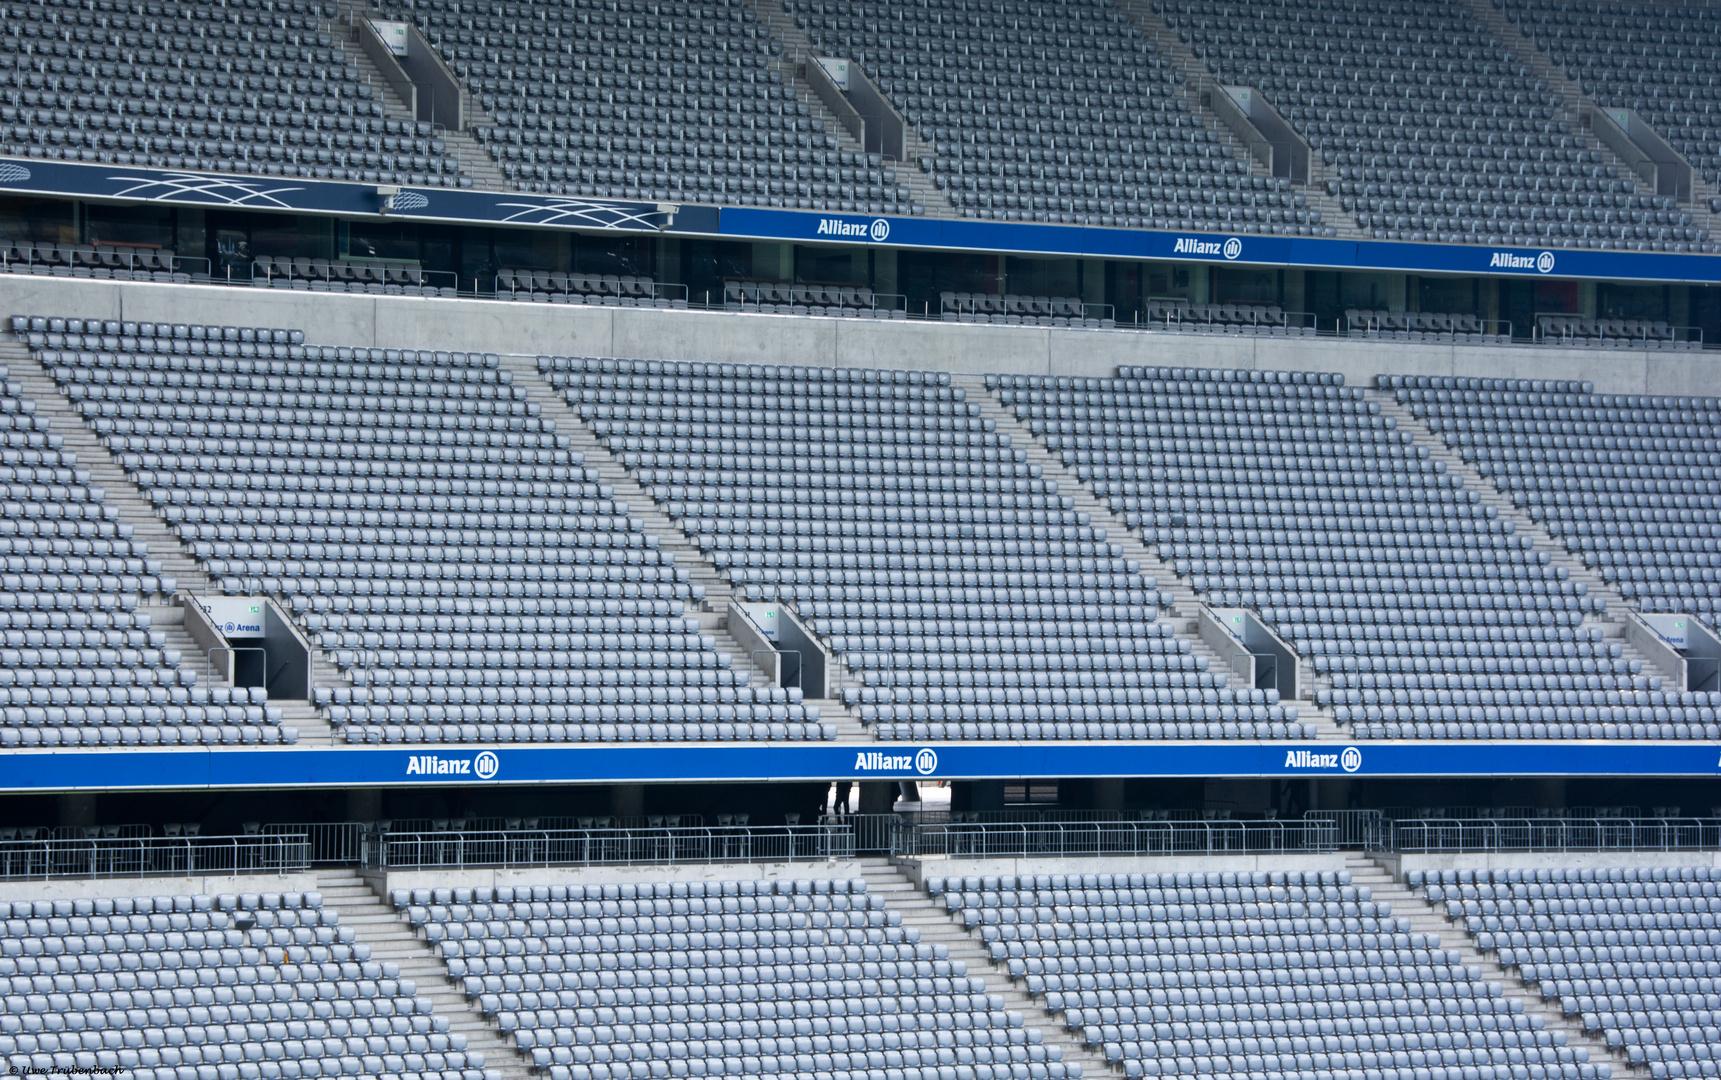 Die Allianz Arena (8)